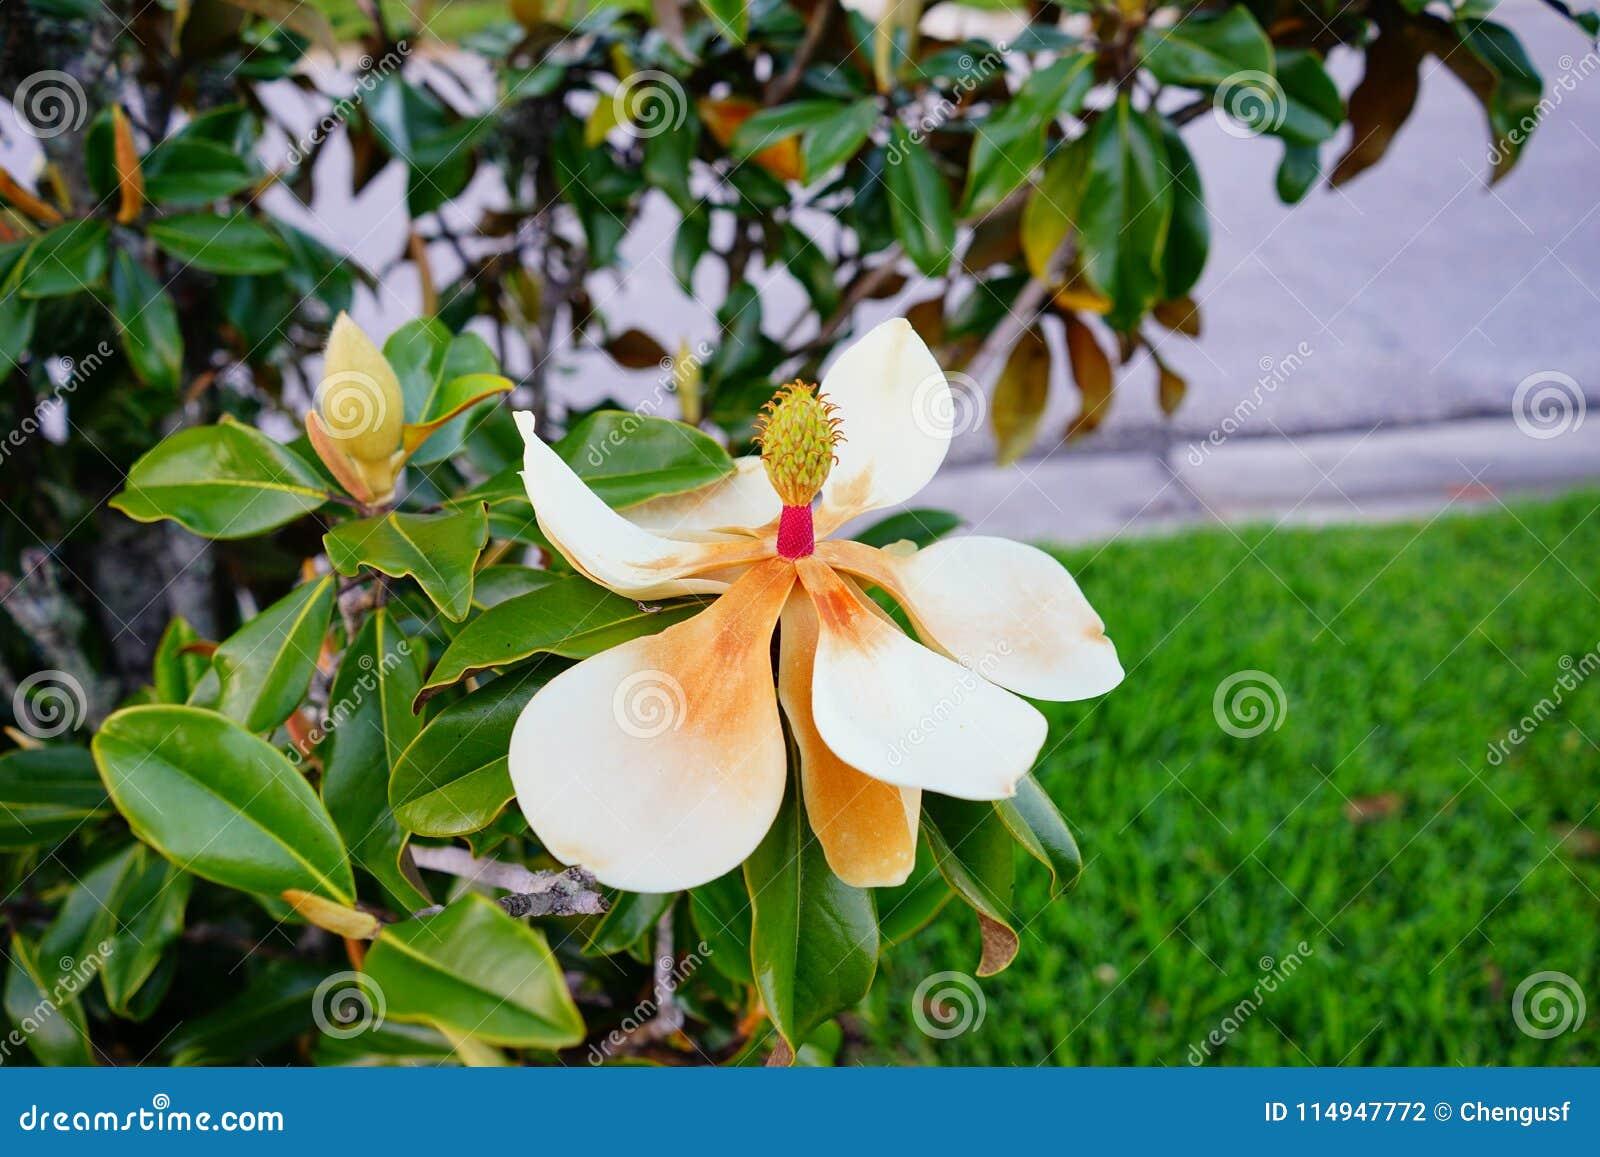 Arbre Et Fleur De Denudata De Magnolia Photo Stock Image Du Baisse